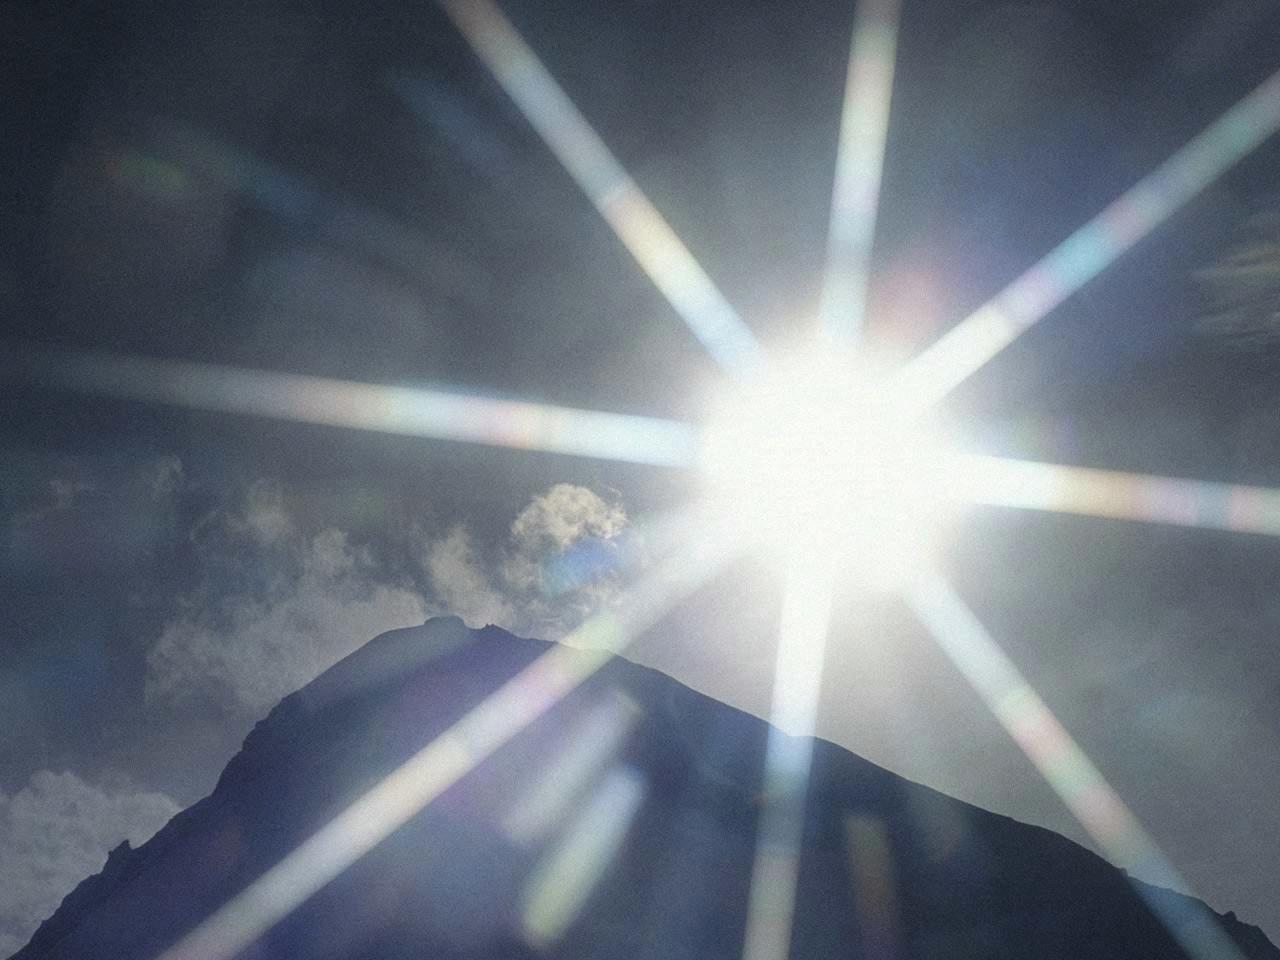 Ученые отыскали способ обеззараживать космические аппараты